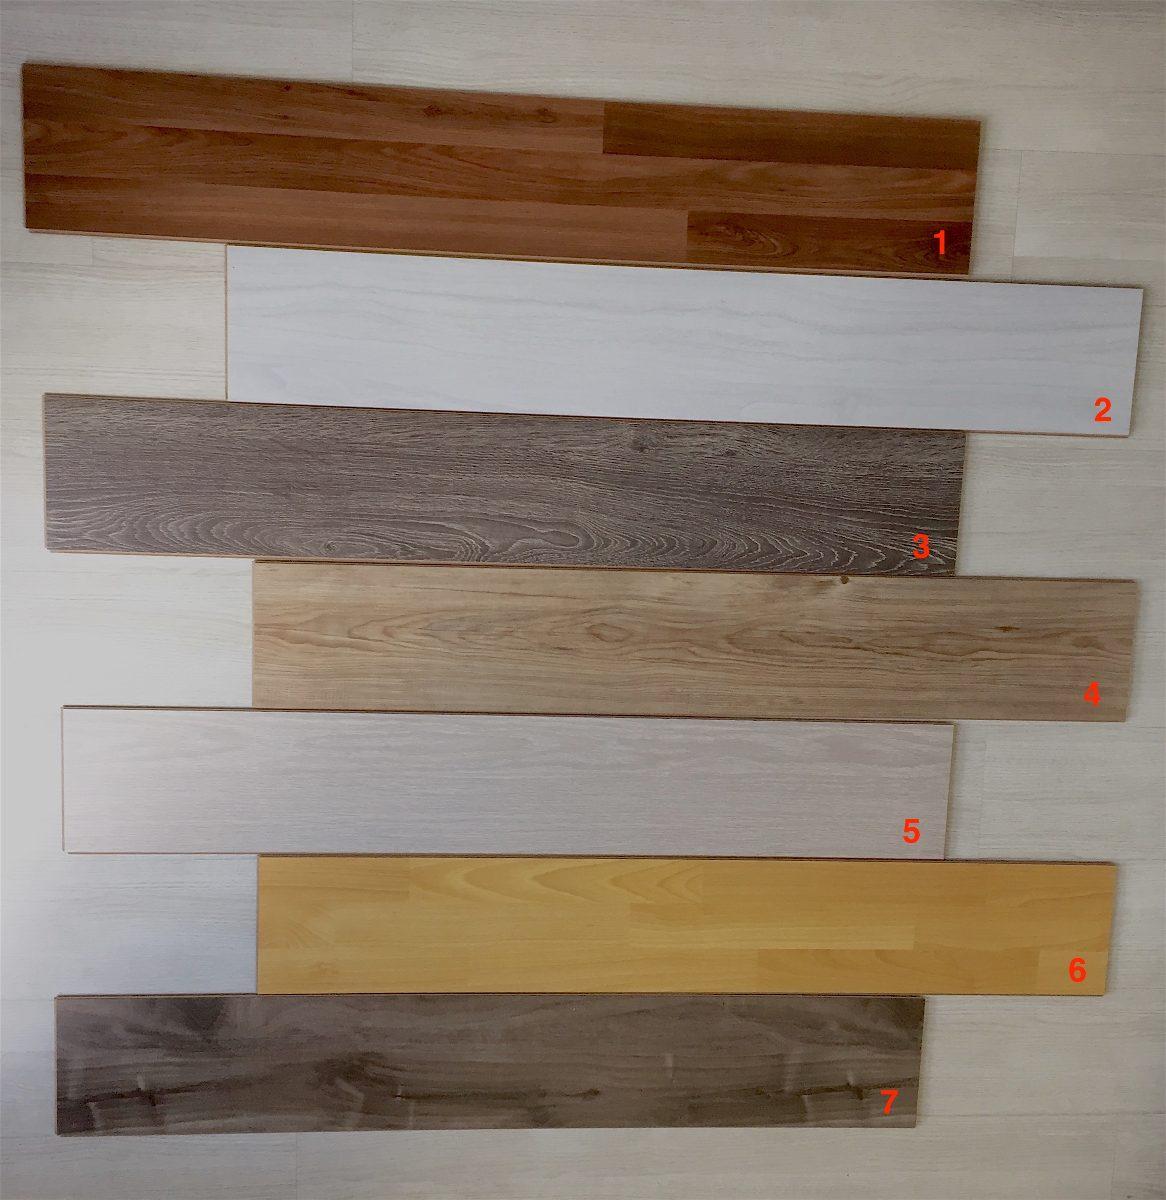 Pisos laminados flotantes de madera vinil y pvc venezuela - Laminados de madera ...